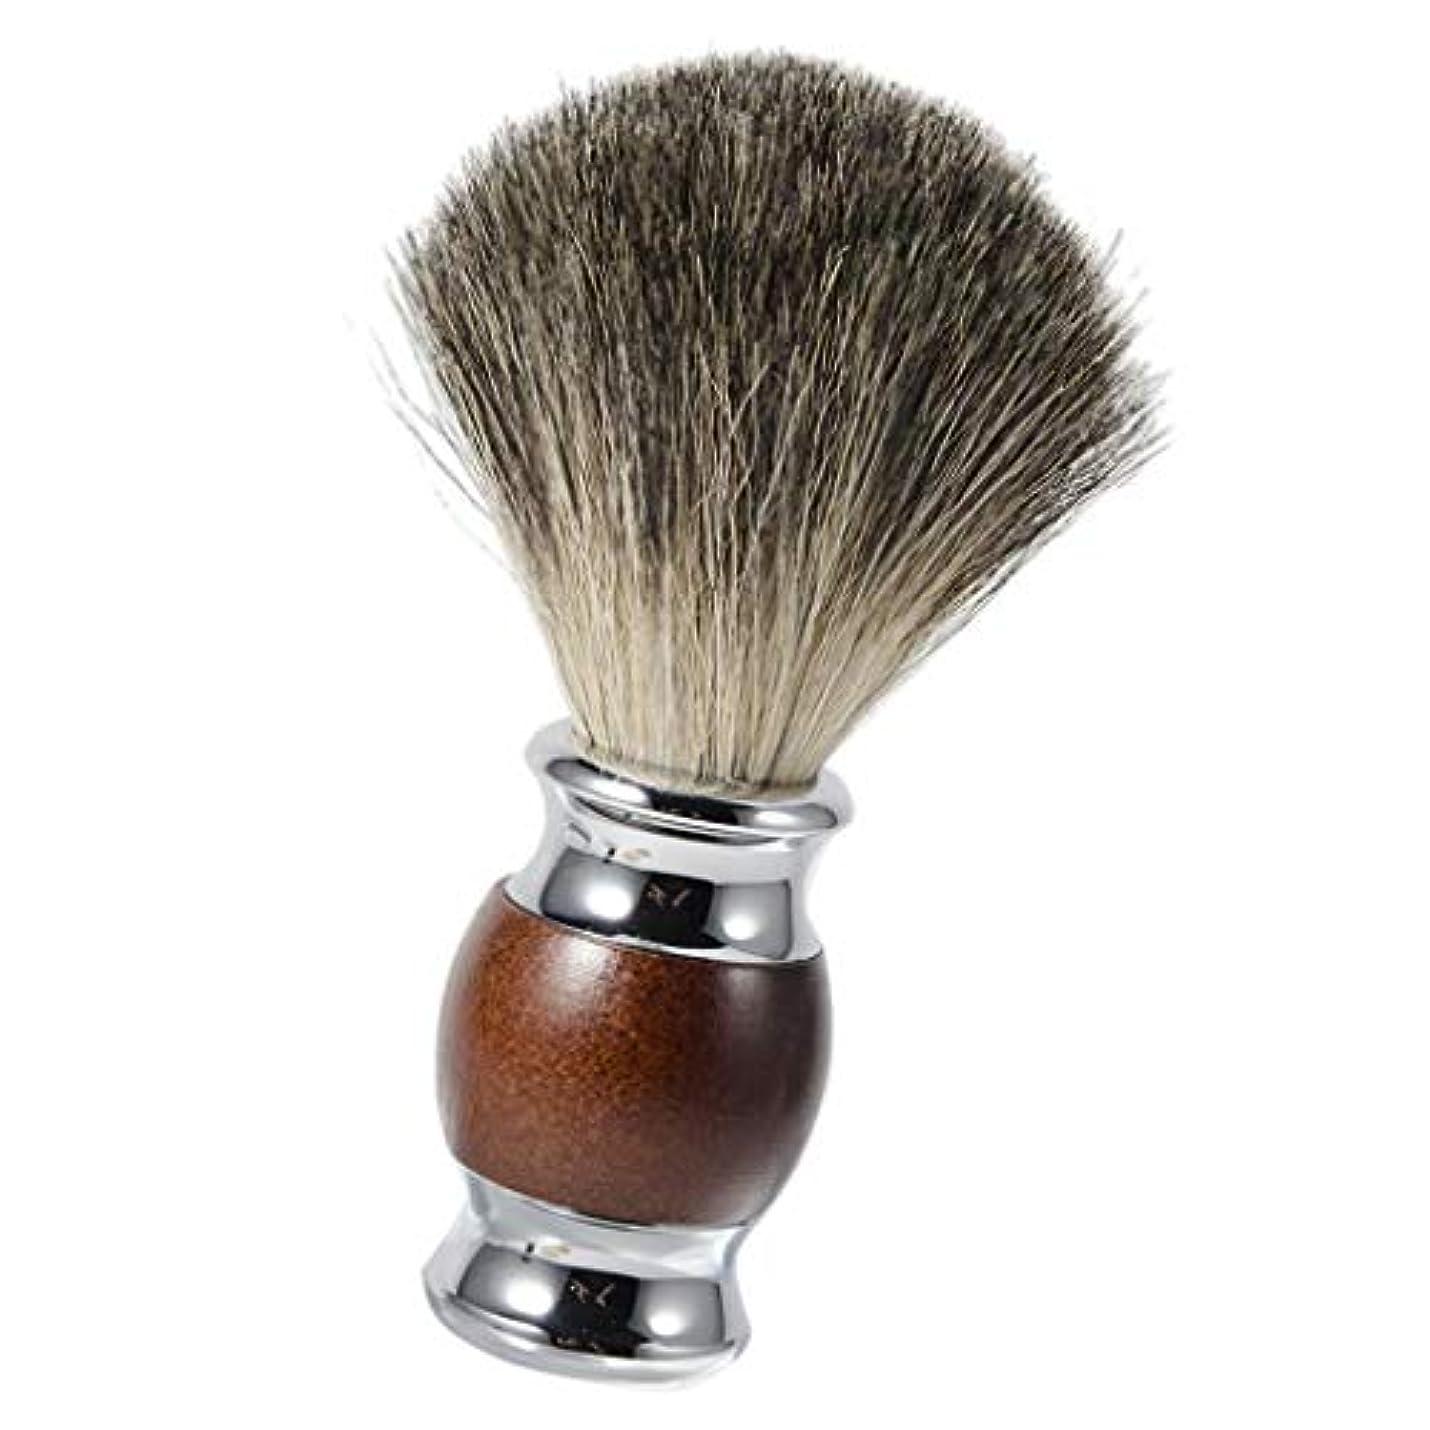 そのコットン避けるシェービング用ブラシ シェービングブラシ メンズ 理容 洗顔 髭剃り シェービング用アクセサリー